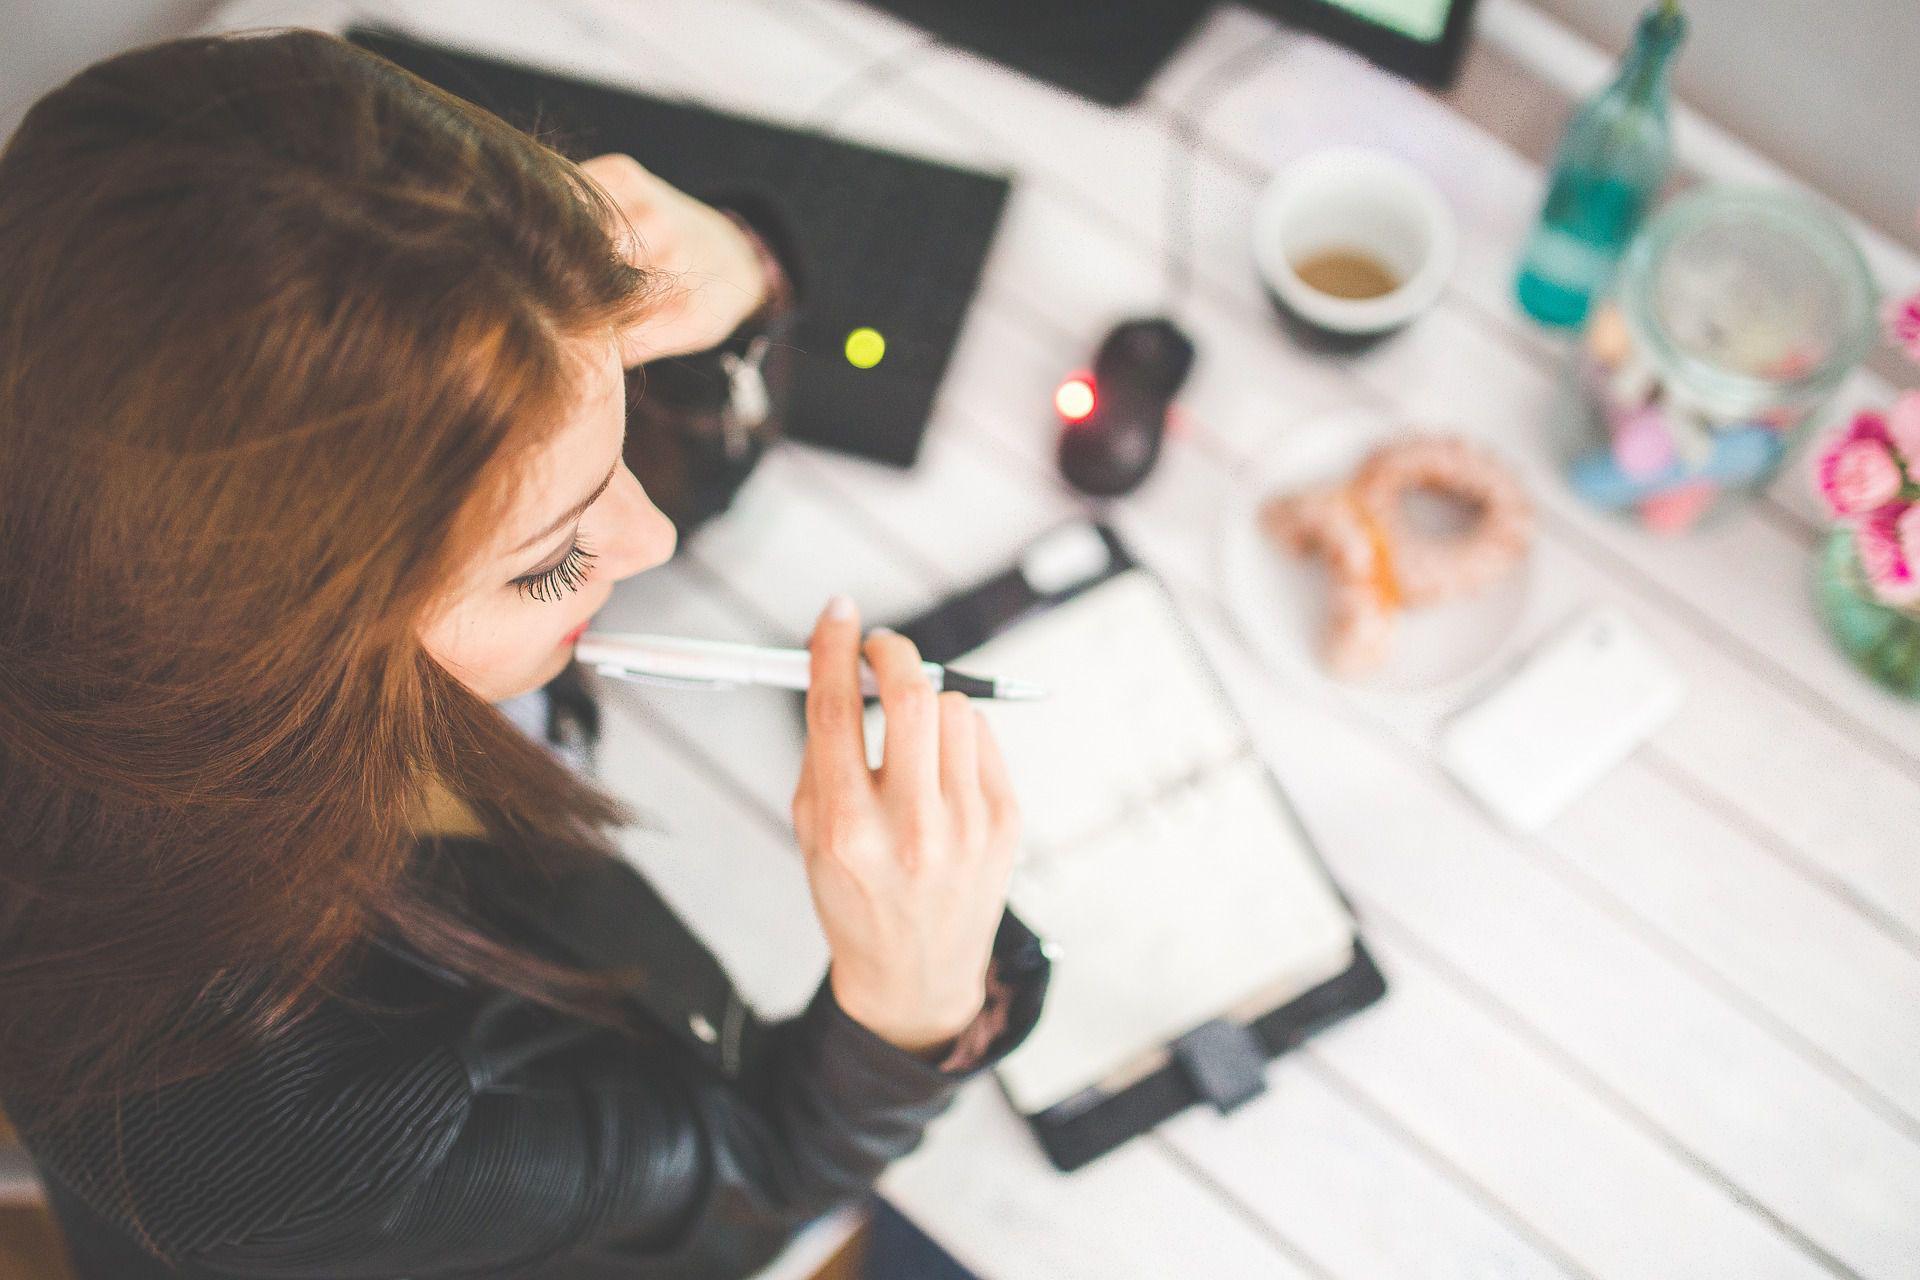 Bild von Bloggerin am Schreibtisch